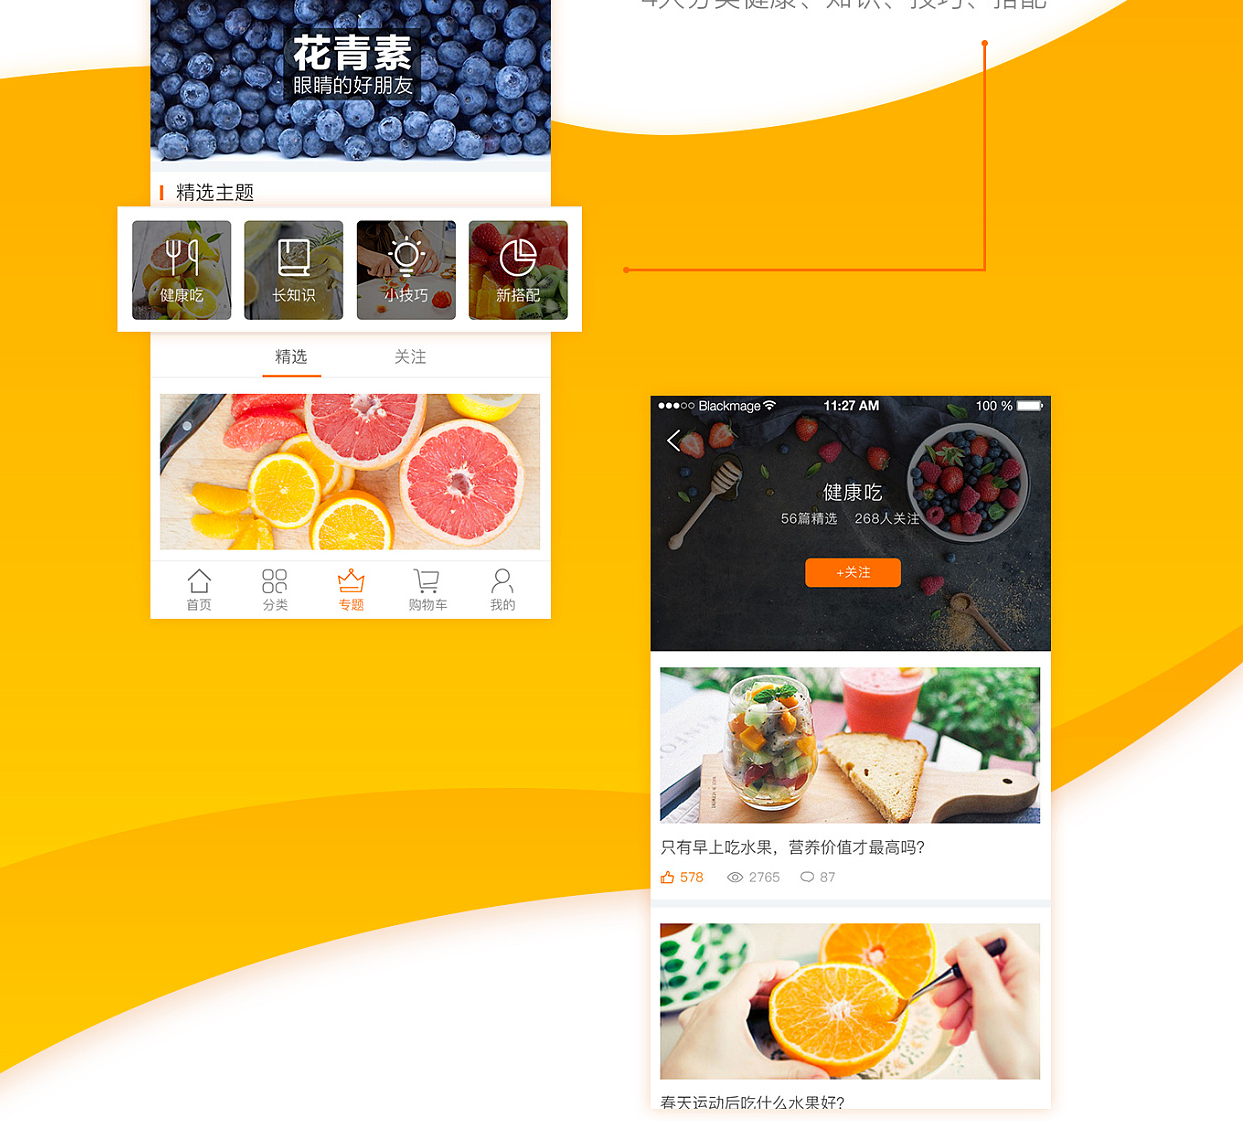 广州水果商城APP开发-水果商城APP设计与开发优势